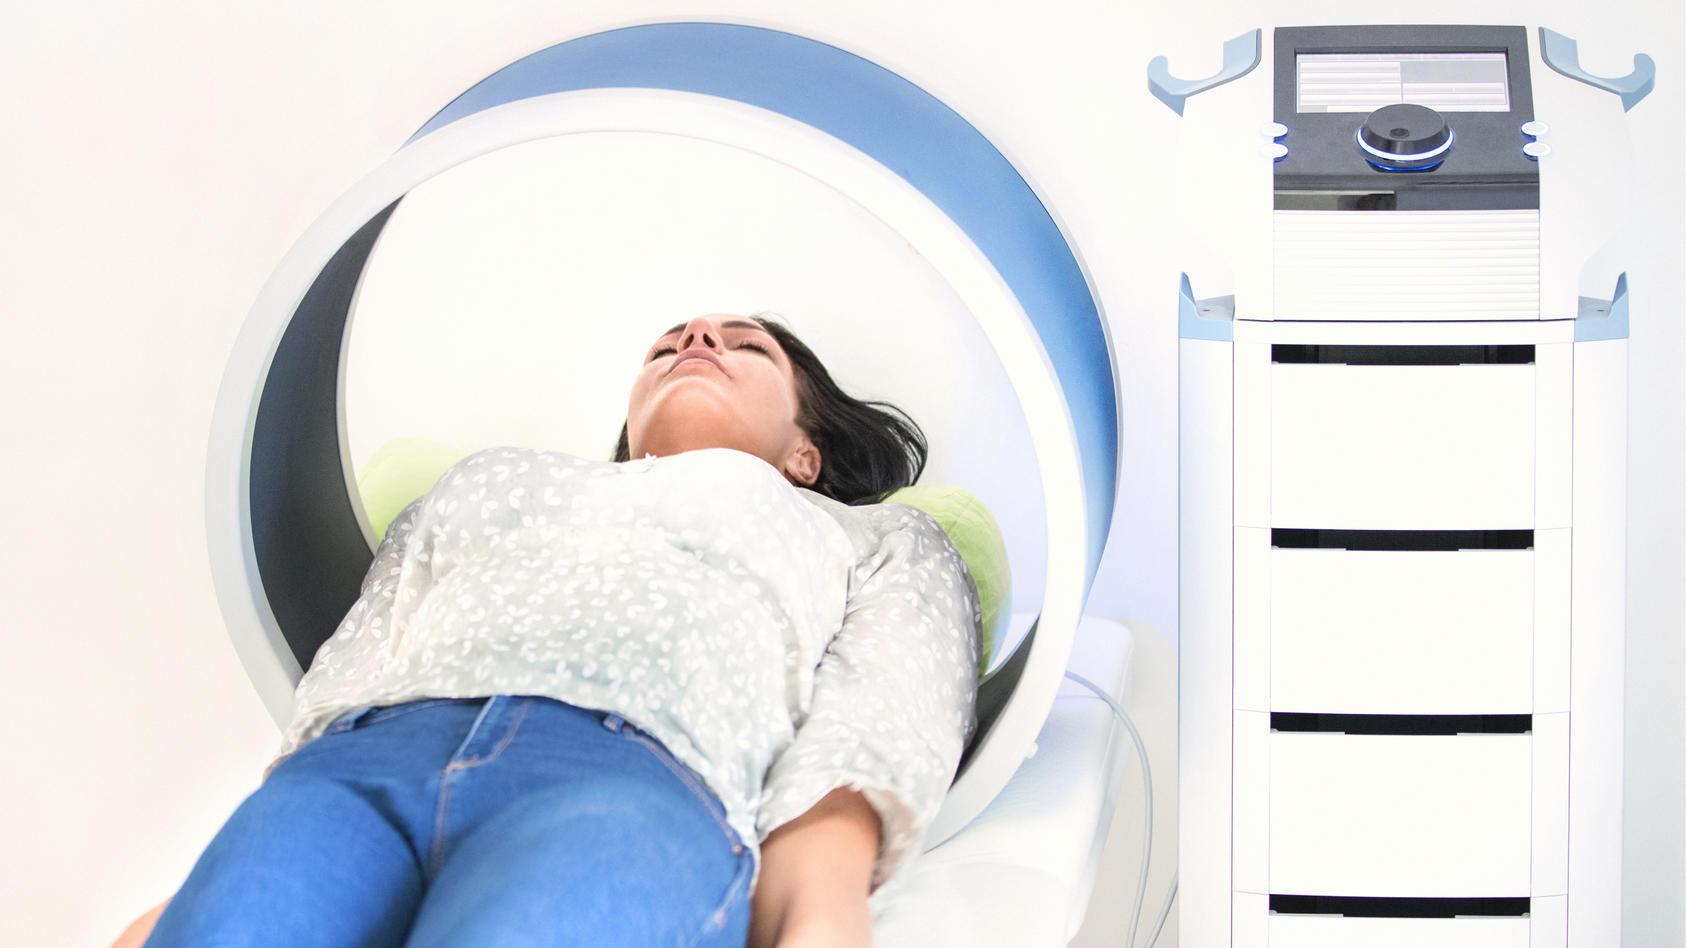 Eine Magnetfeldtherapie kann die Selbstheilungskräfte fördern und die Heilung beschleunigen